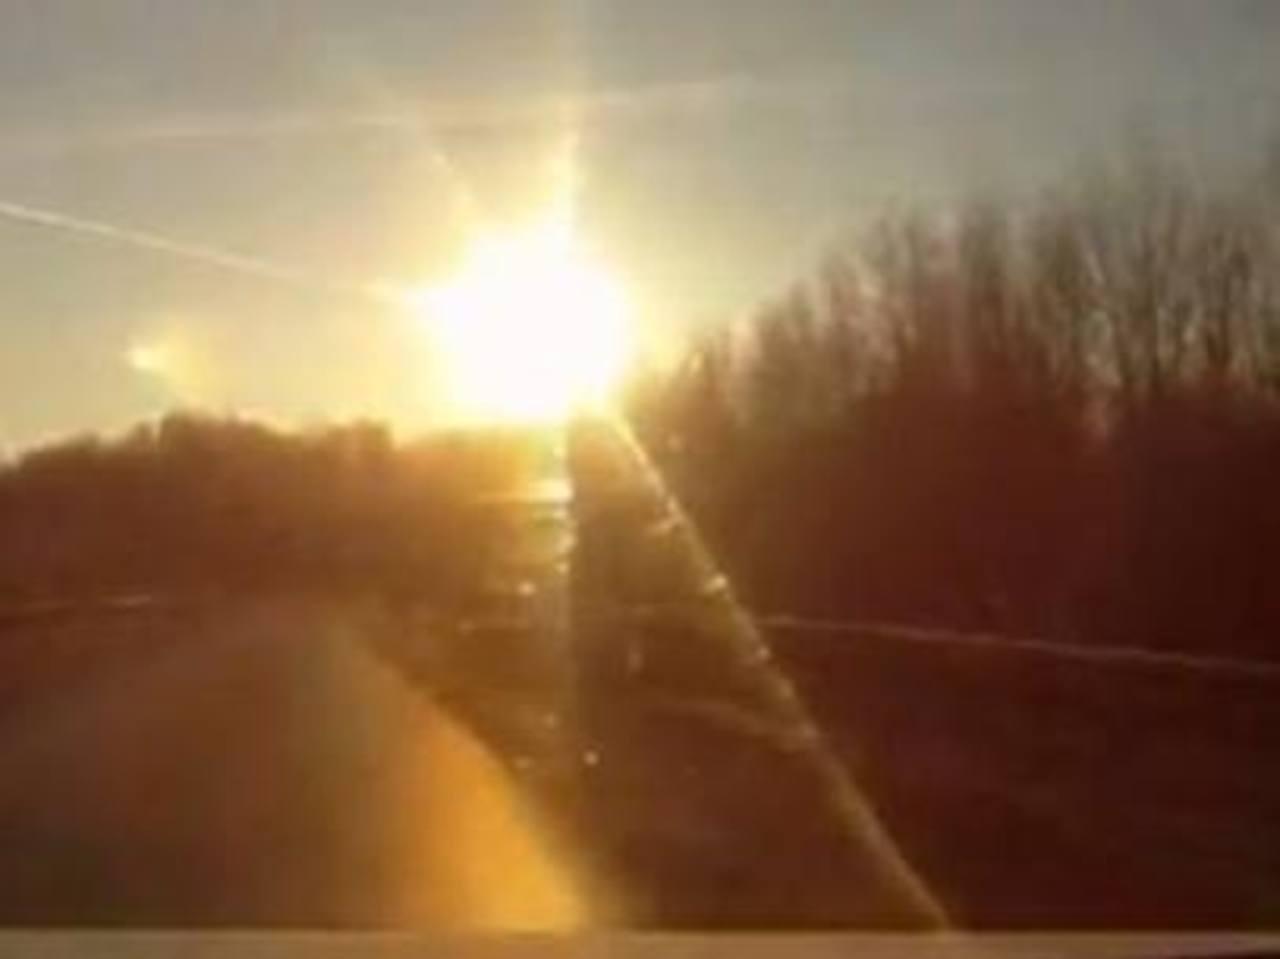 Esta imagen fue tomada en febrero de este año, cuando un meteorito cayó en Rusia. FOTO EDH/ARCHIVO